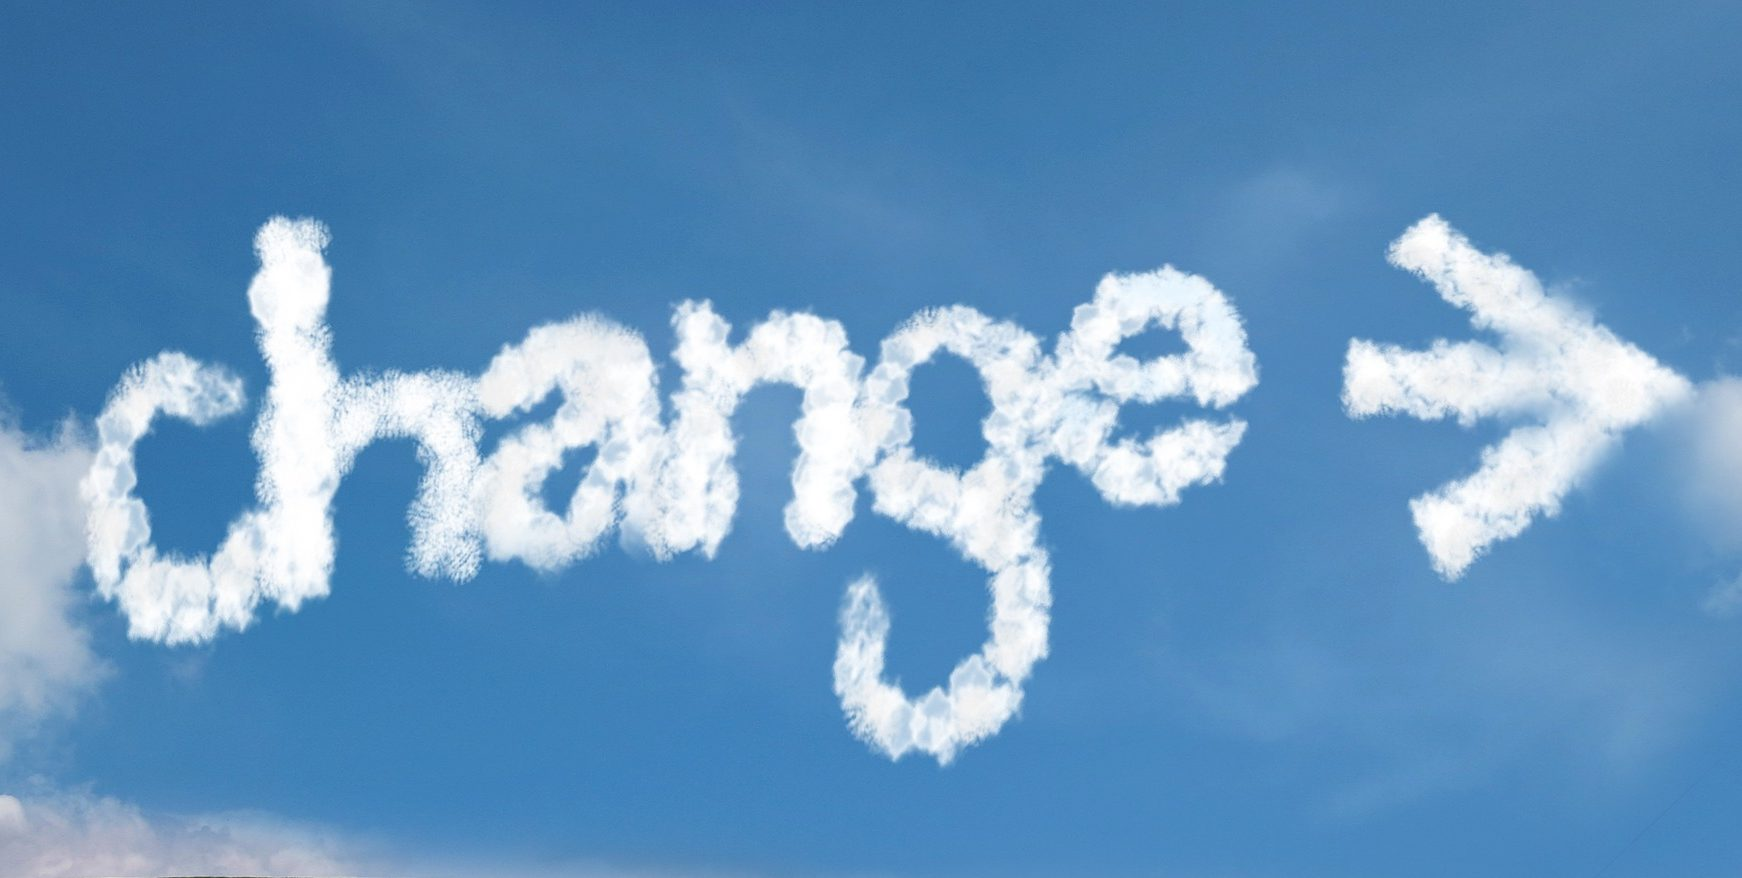 Uusi Vuosi On Täynnä Uusia Vastuullisia Liiketoimintamahdollisuuksia